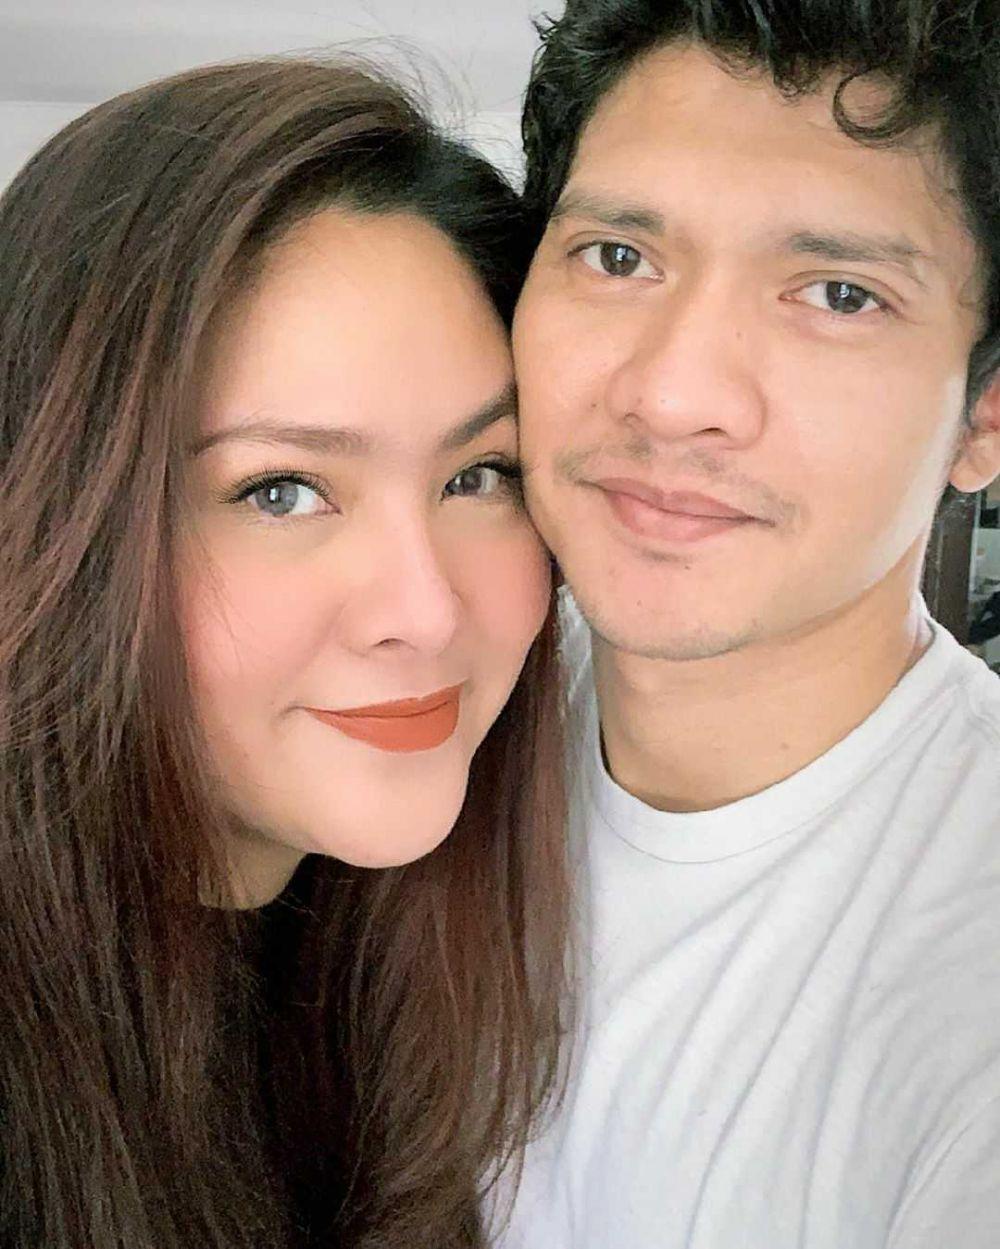 Delapan Tahun Menikah, 9 Potret Romantis Audy Item dan Iko Uwais